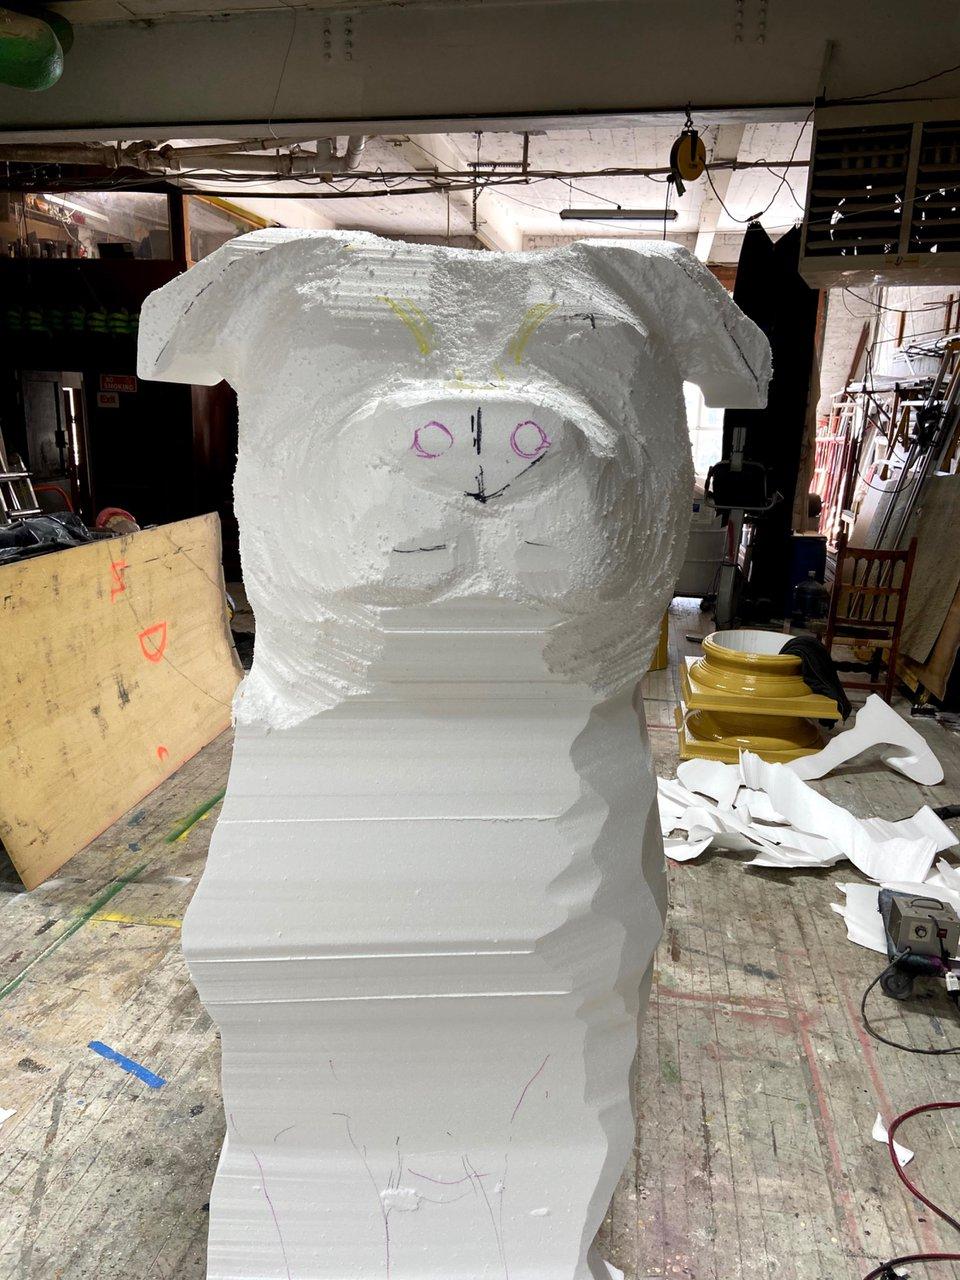 Fomo - 8 ft. Topiary Dog Sculpt photo 456A31F6-7BA2-47B4-A5D8-460746CD5021.jpg